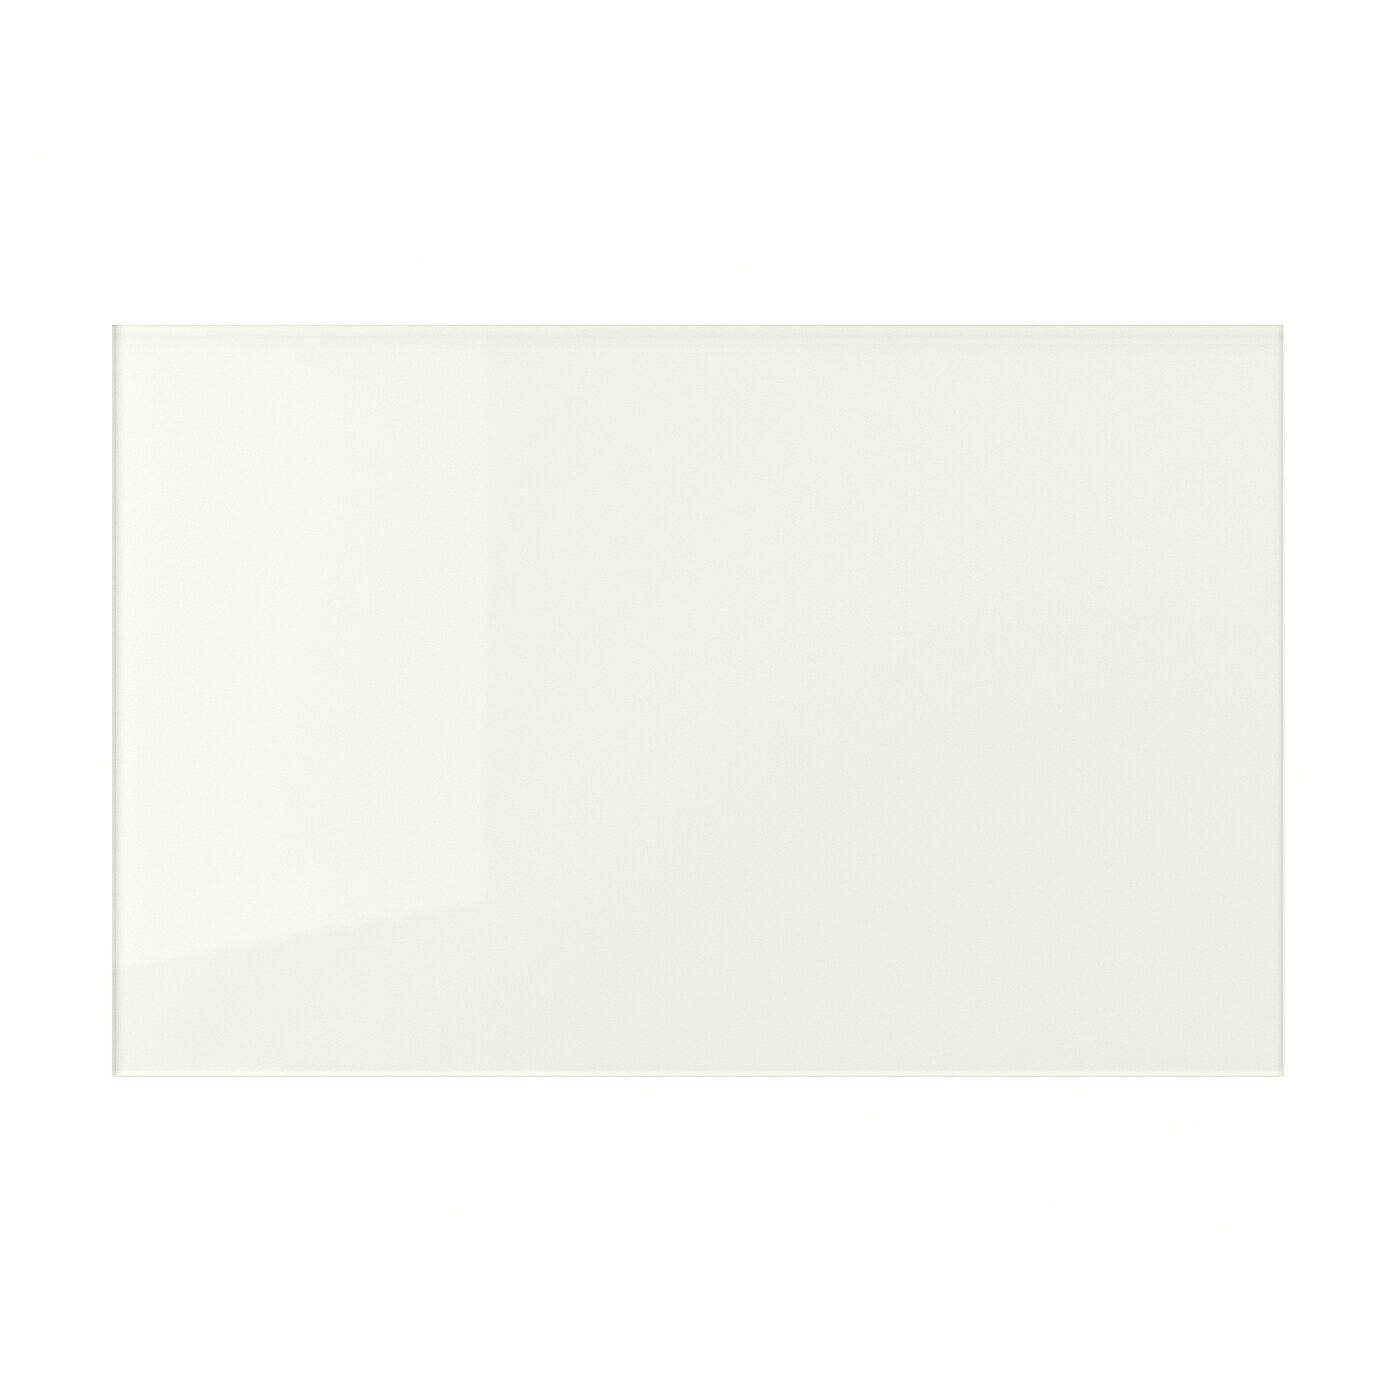 Farvik 4 Paneele F Schiebeturrahmen Weisses Glas Ikea Osterreich Glazen Panelen En Wit Glazuur